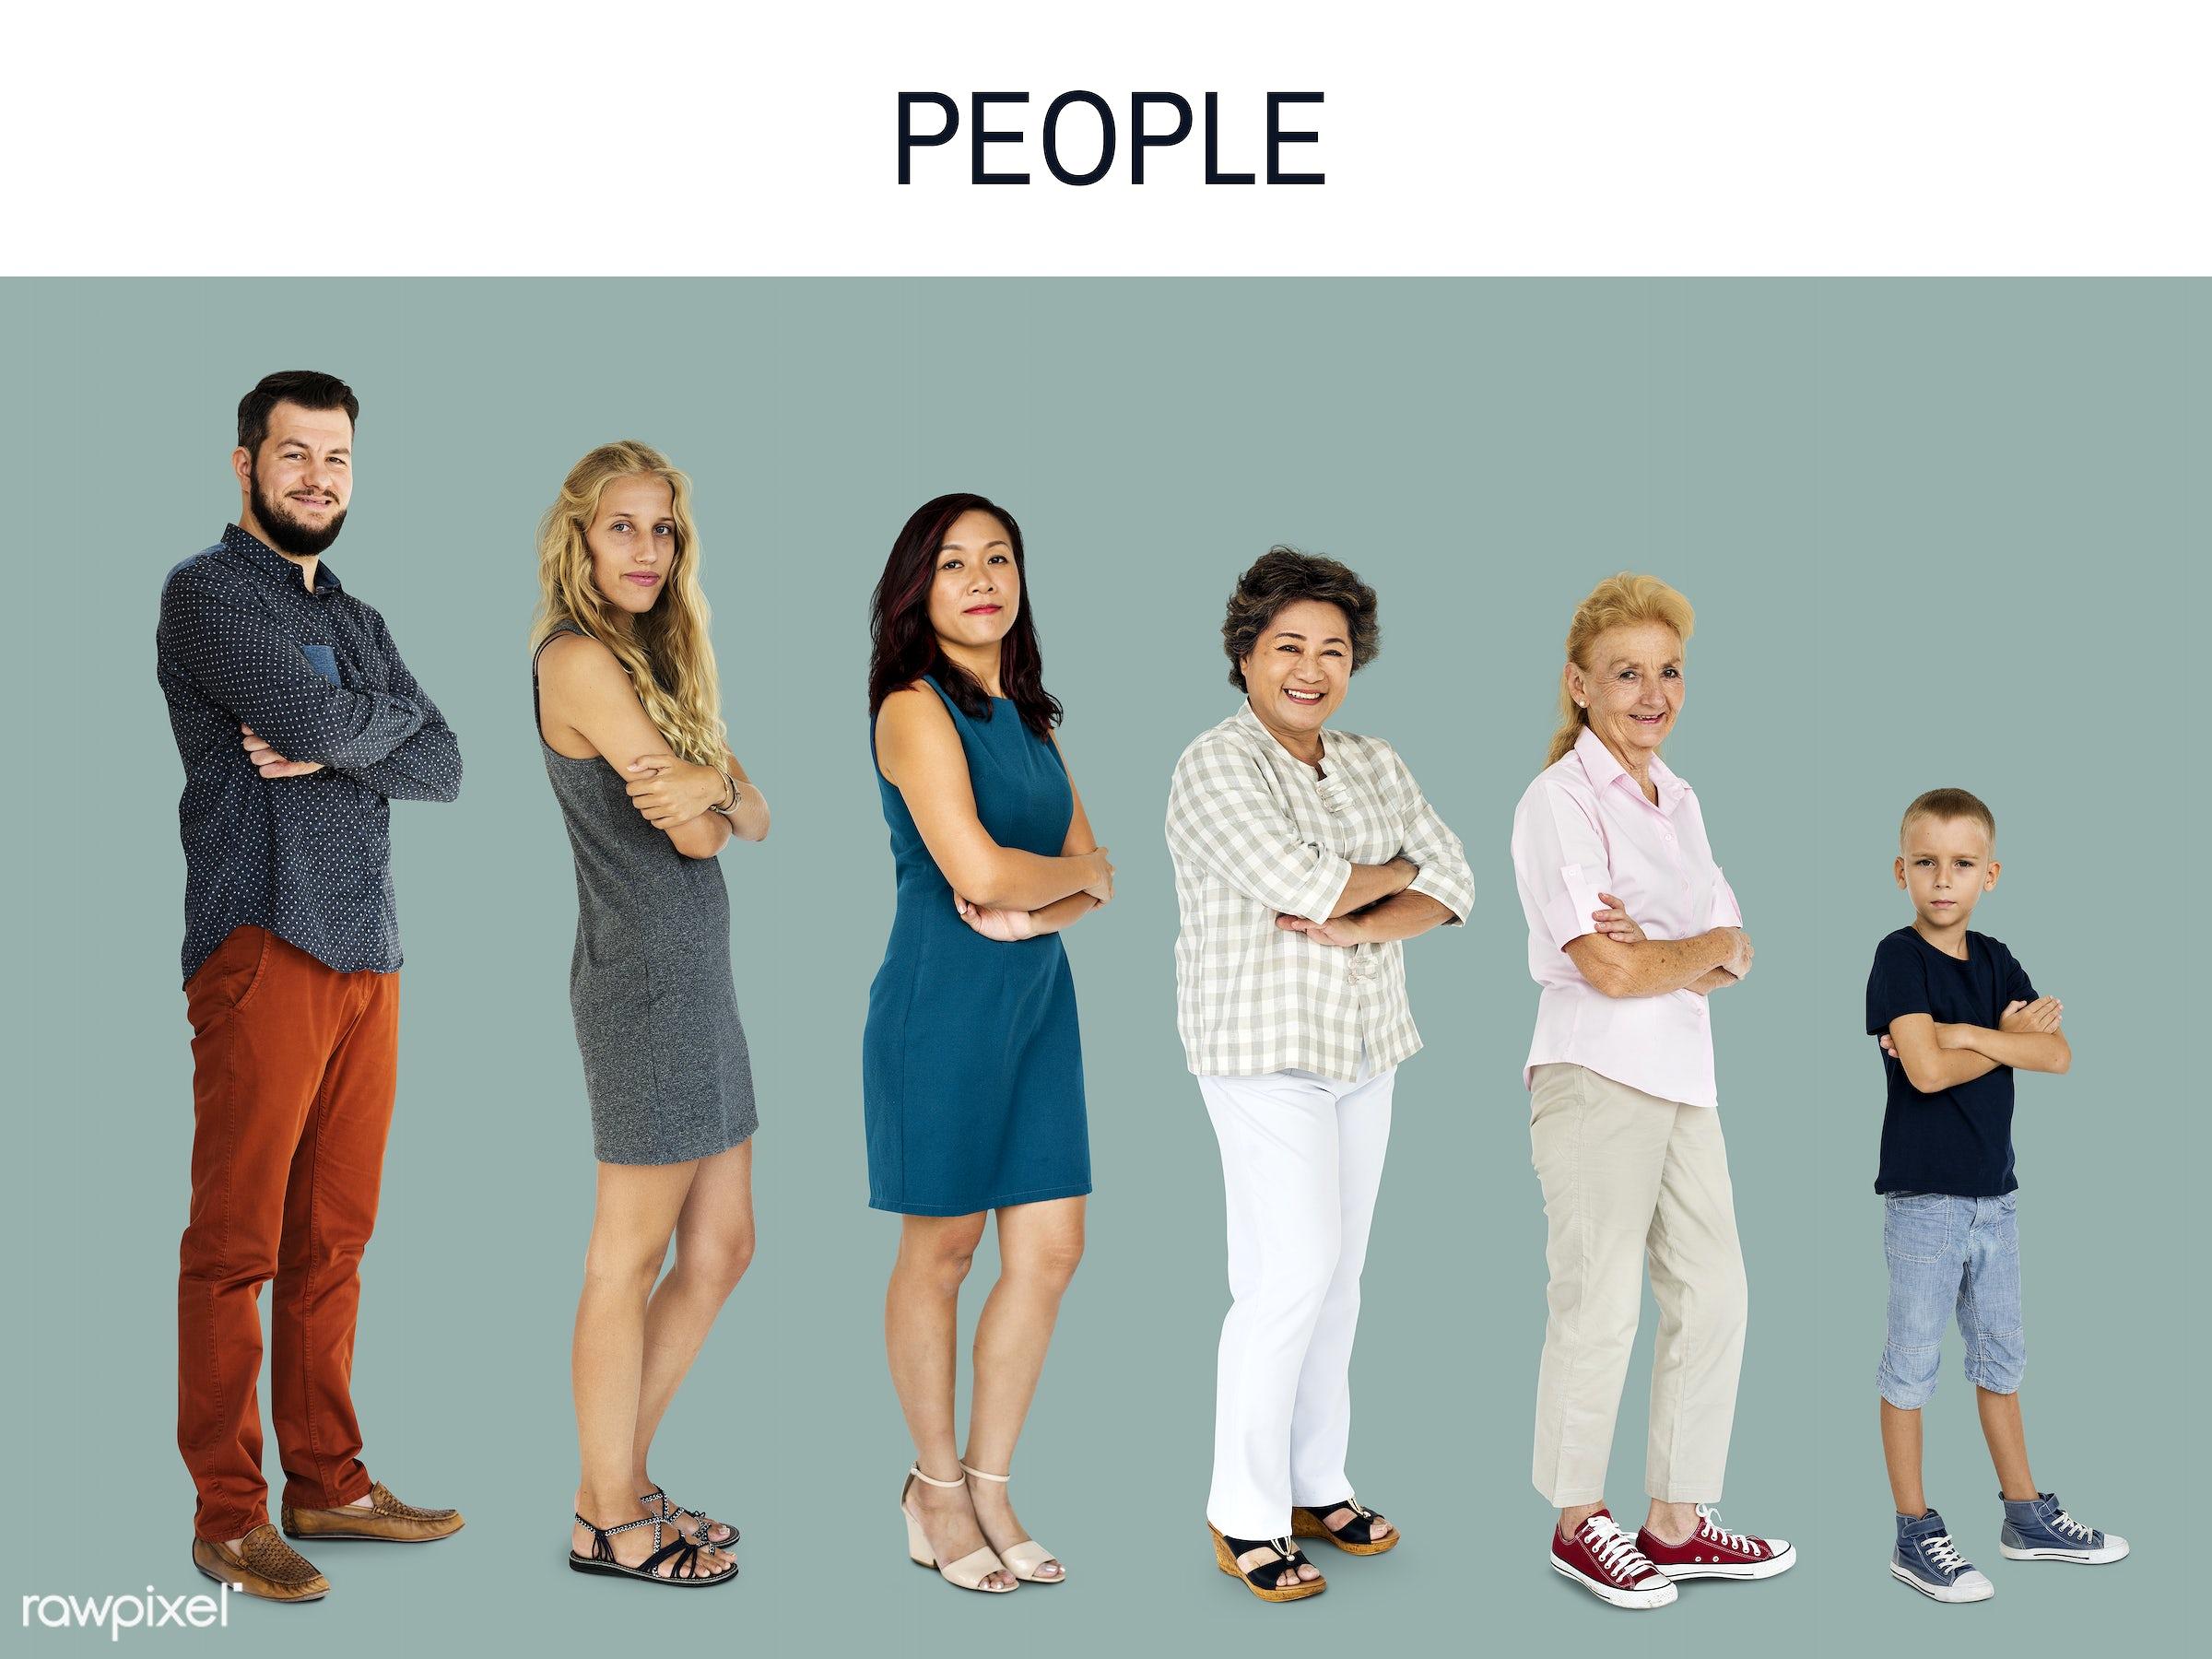 adolescent, adult, baby boomer, boys, cheerful, child, children, collection, diverse, diversity, elderly, enjoyment,...